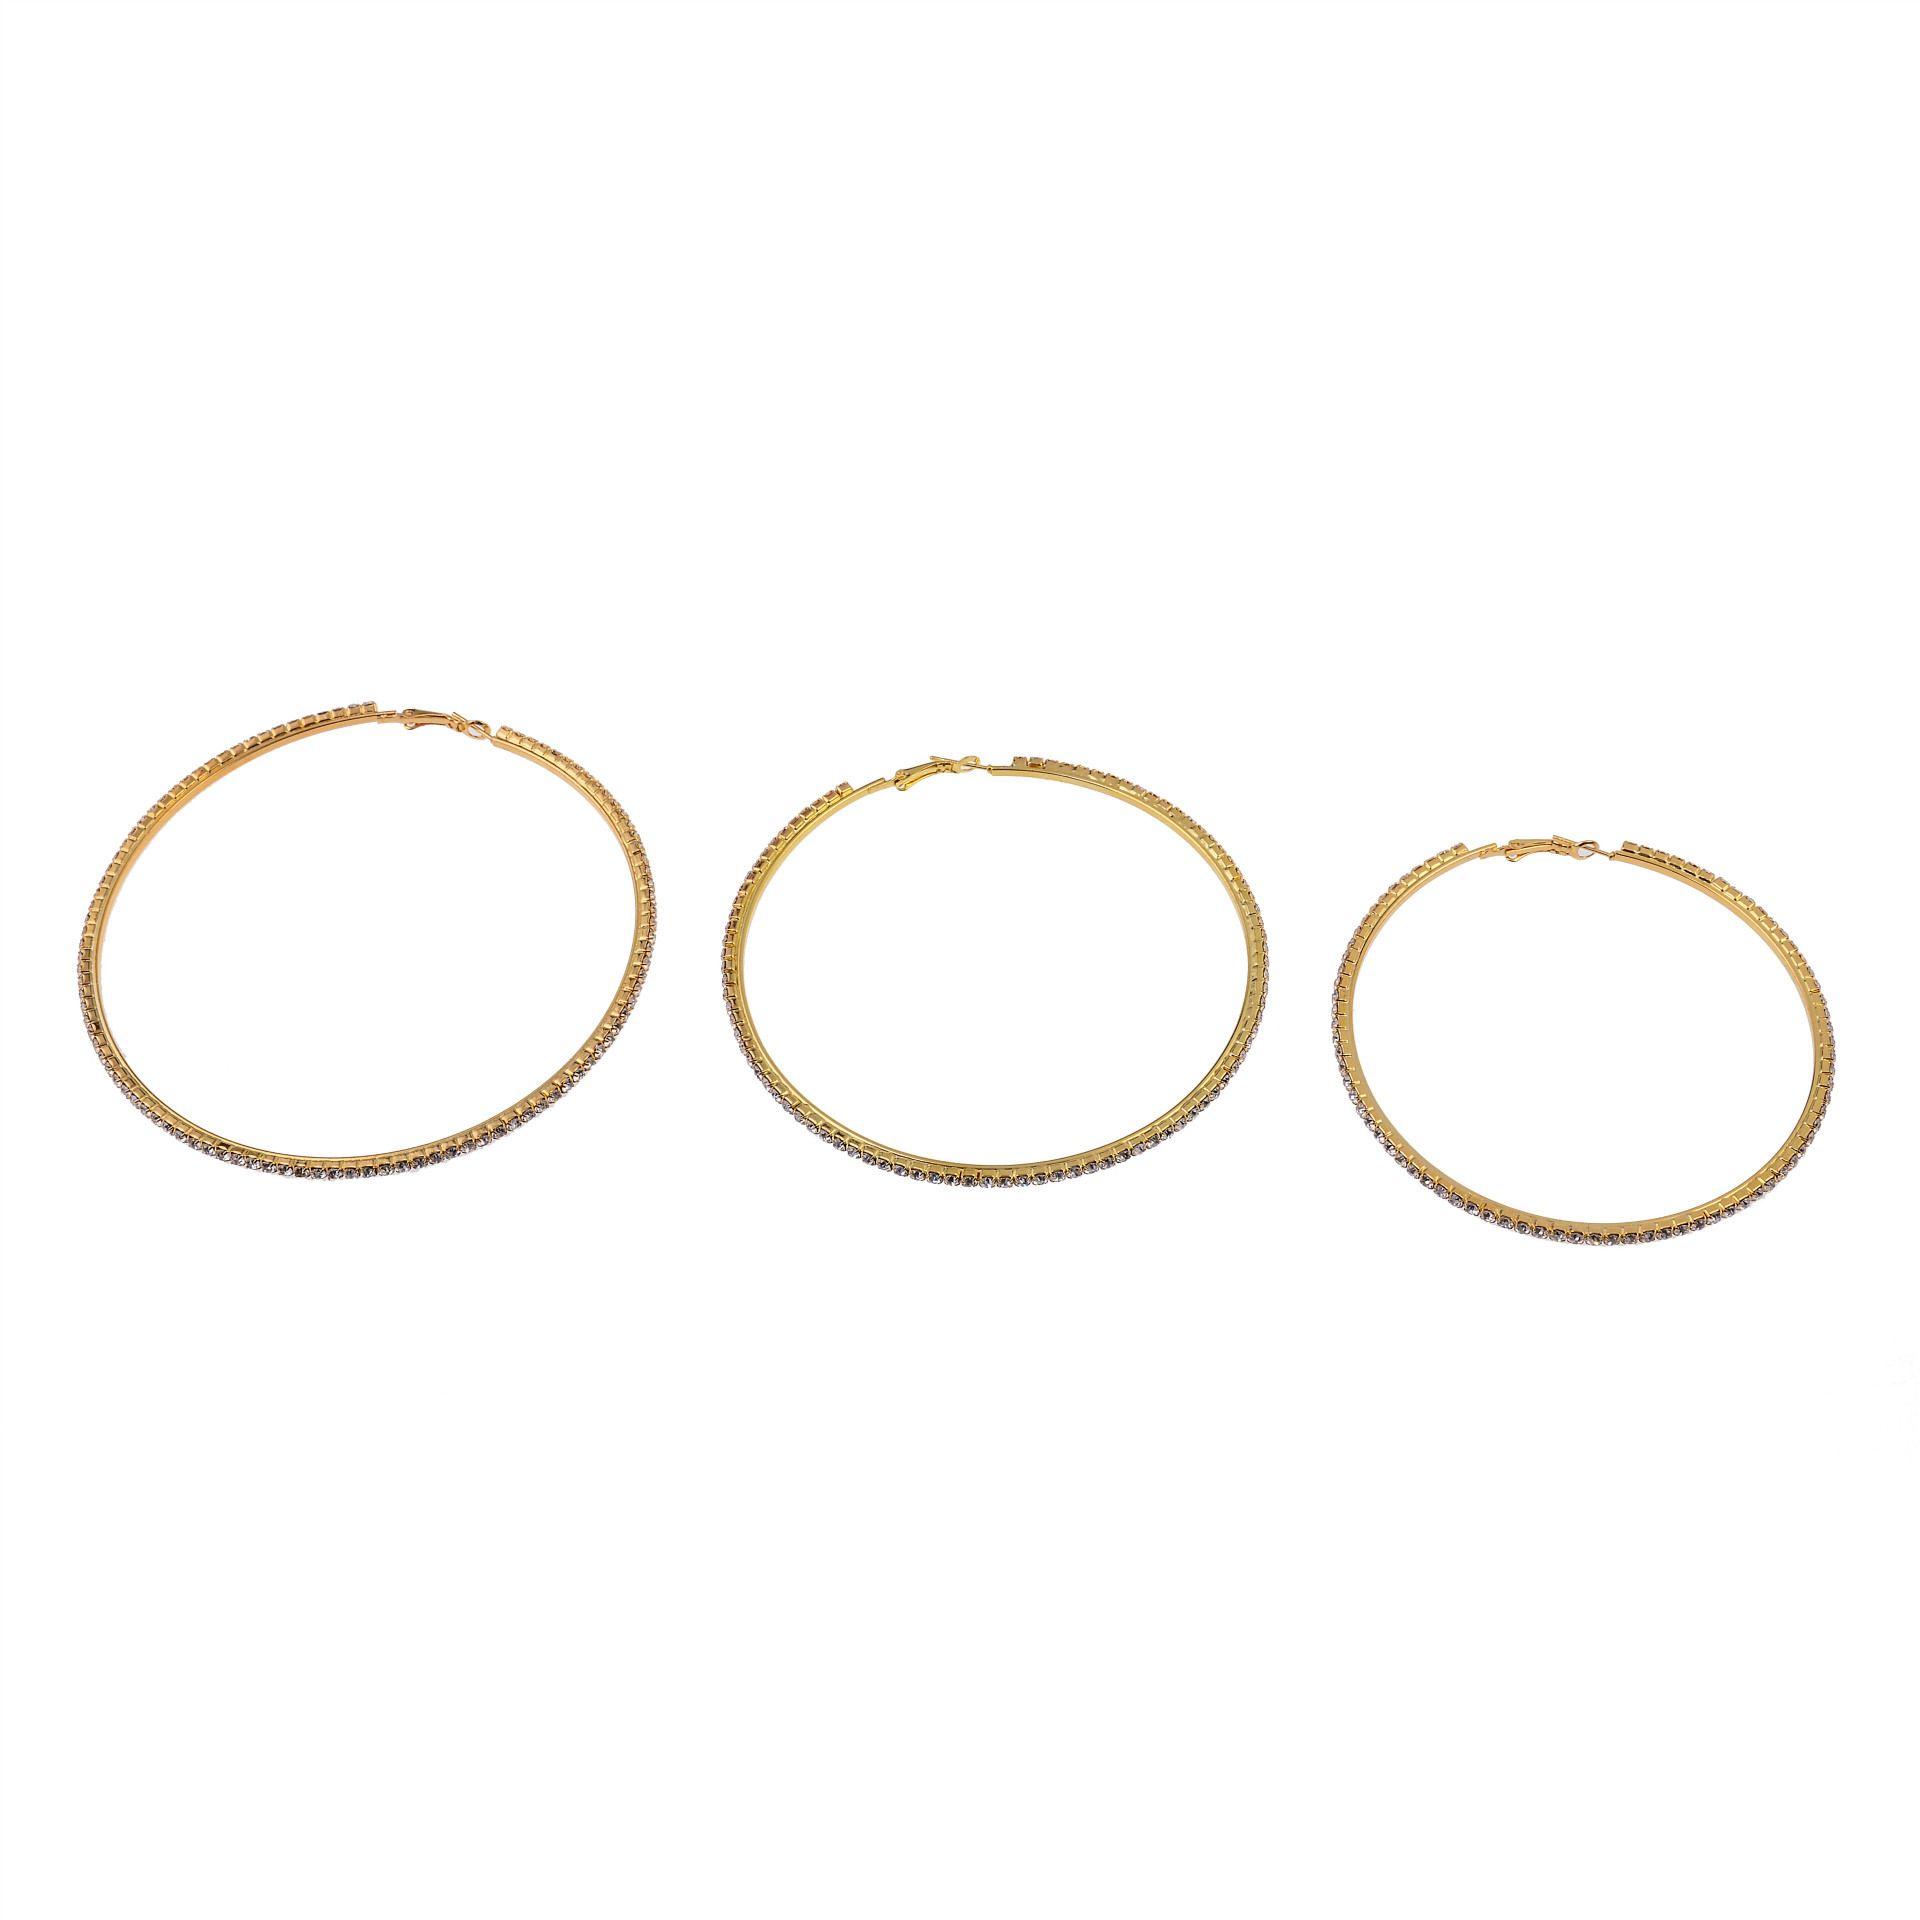 Frauen-Marken-Kristall-Kreis-Band-Ohrringe Art und Weise Punk Schmuck Strassohrring-Anhänger-Ring aus Gold Club Hiphop Bijoux 2017